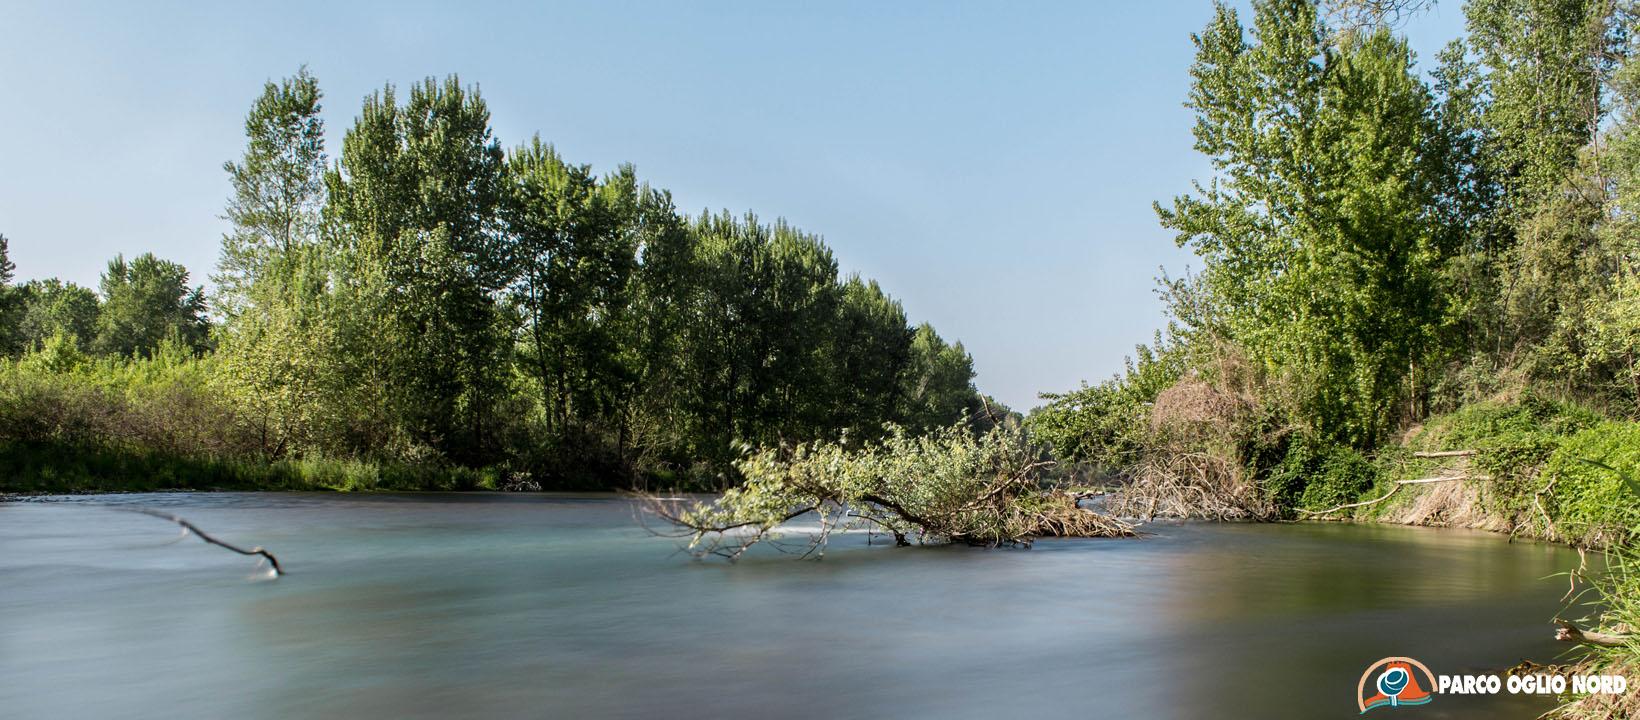 Essenze di fiume al Parco Oglio Nord